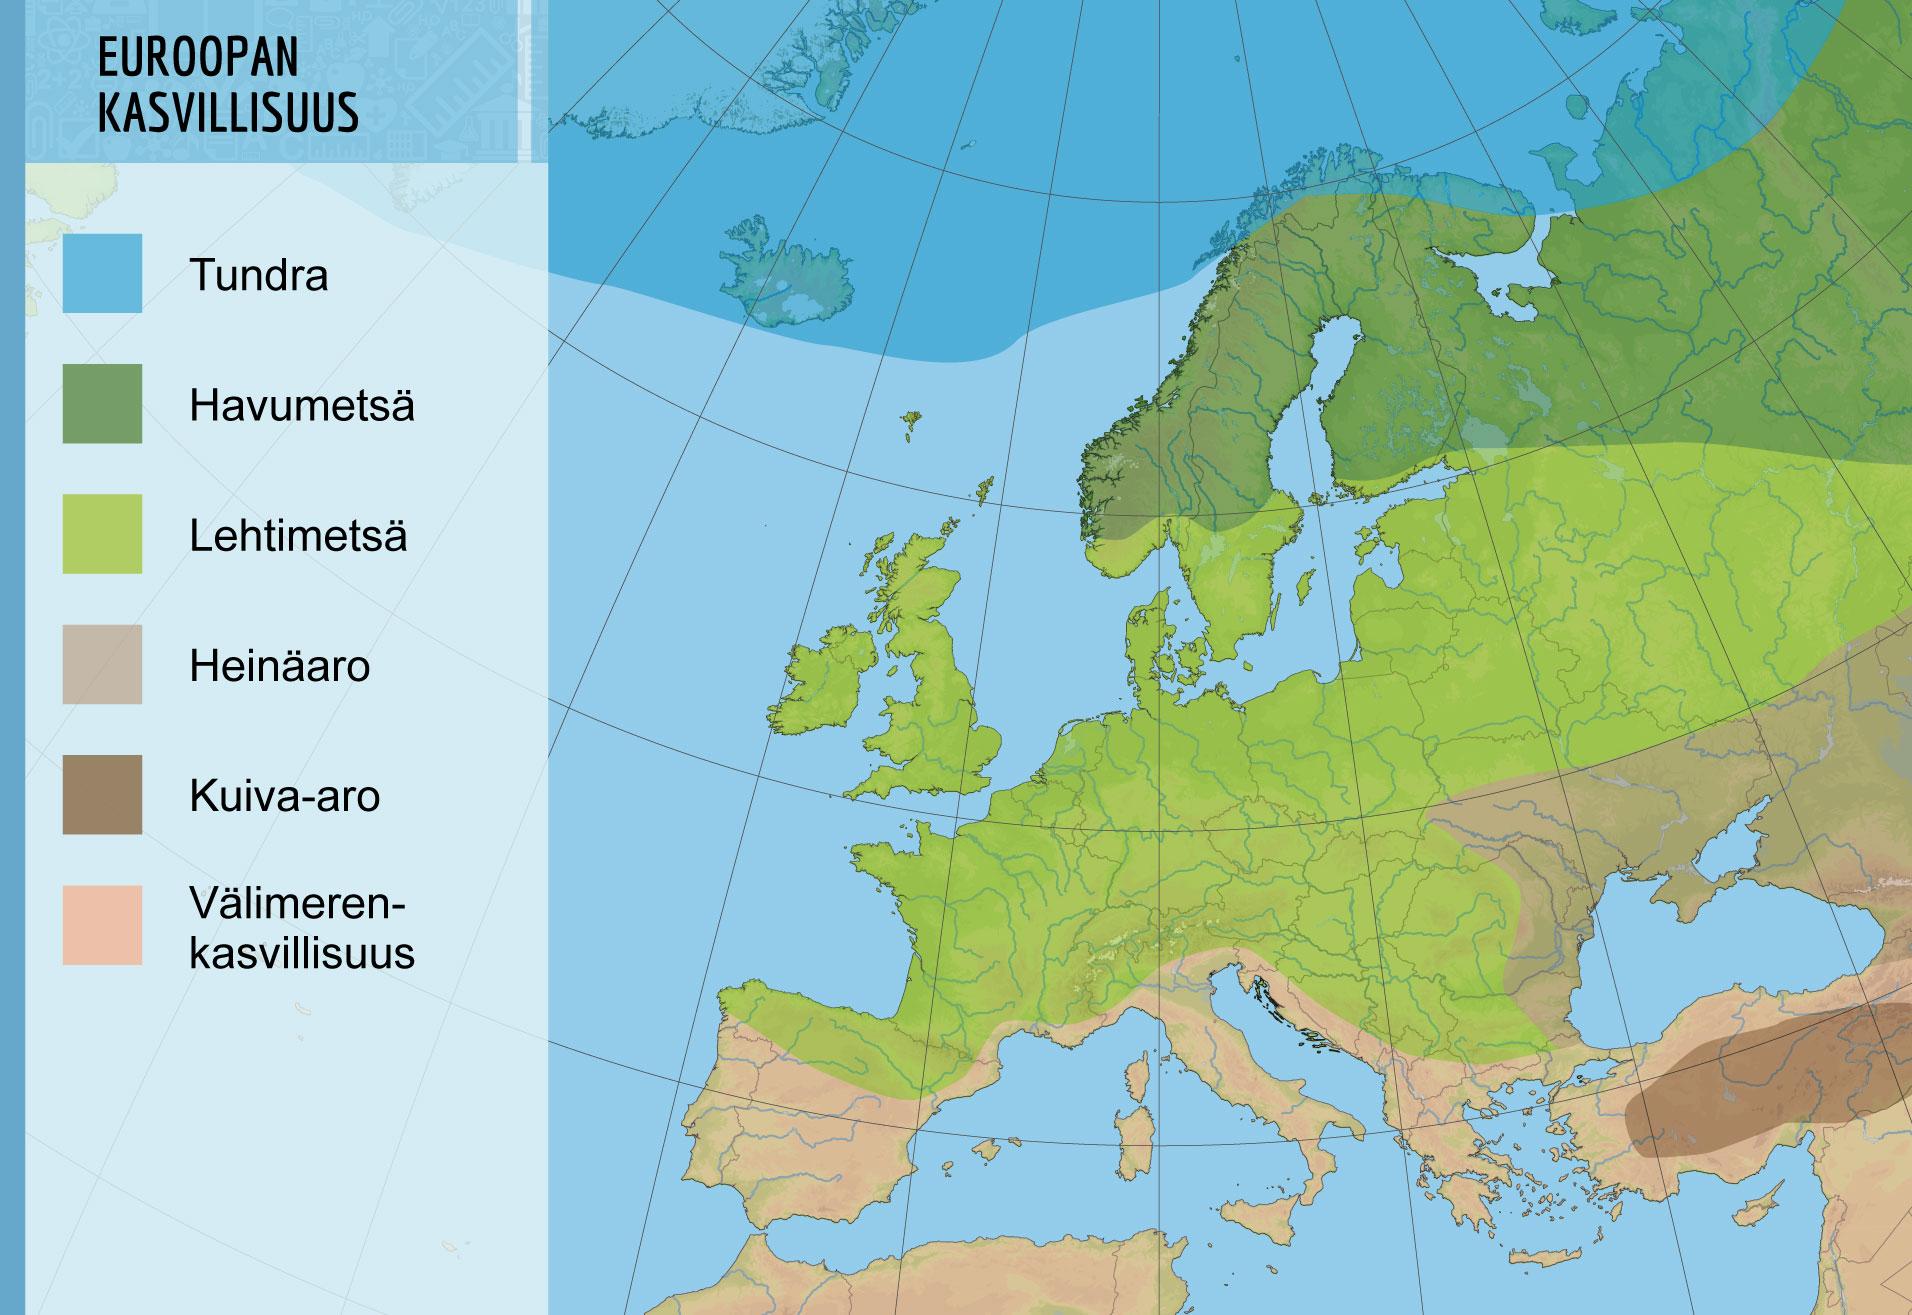 Euroopan Kasvillisuusvyohykkeet